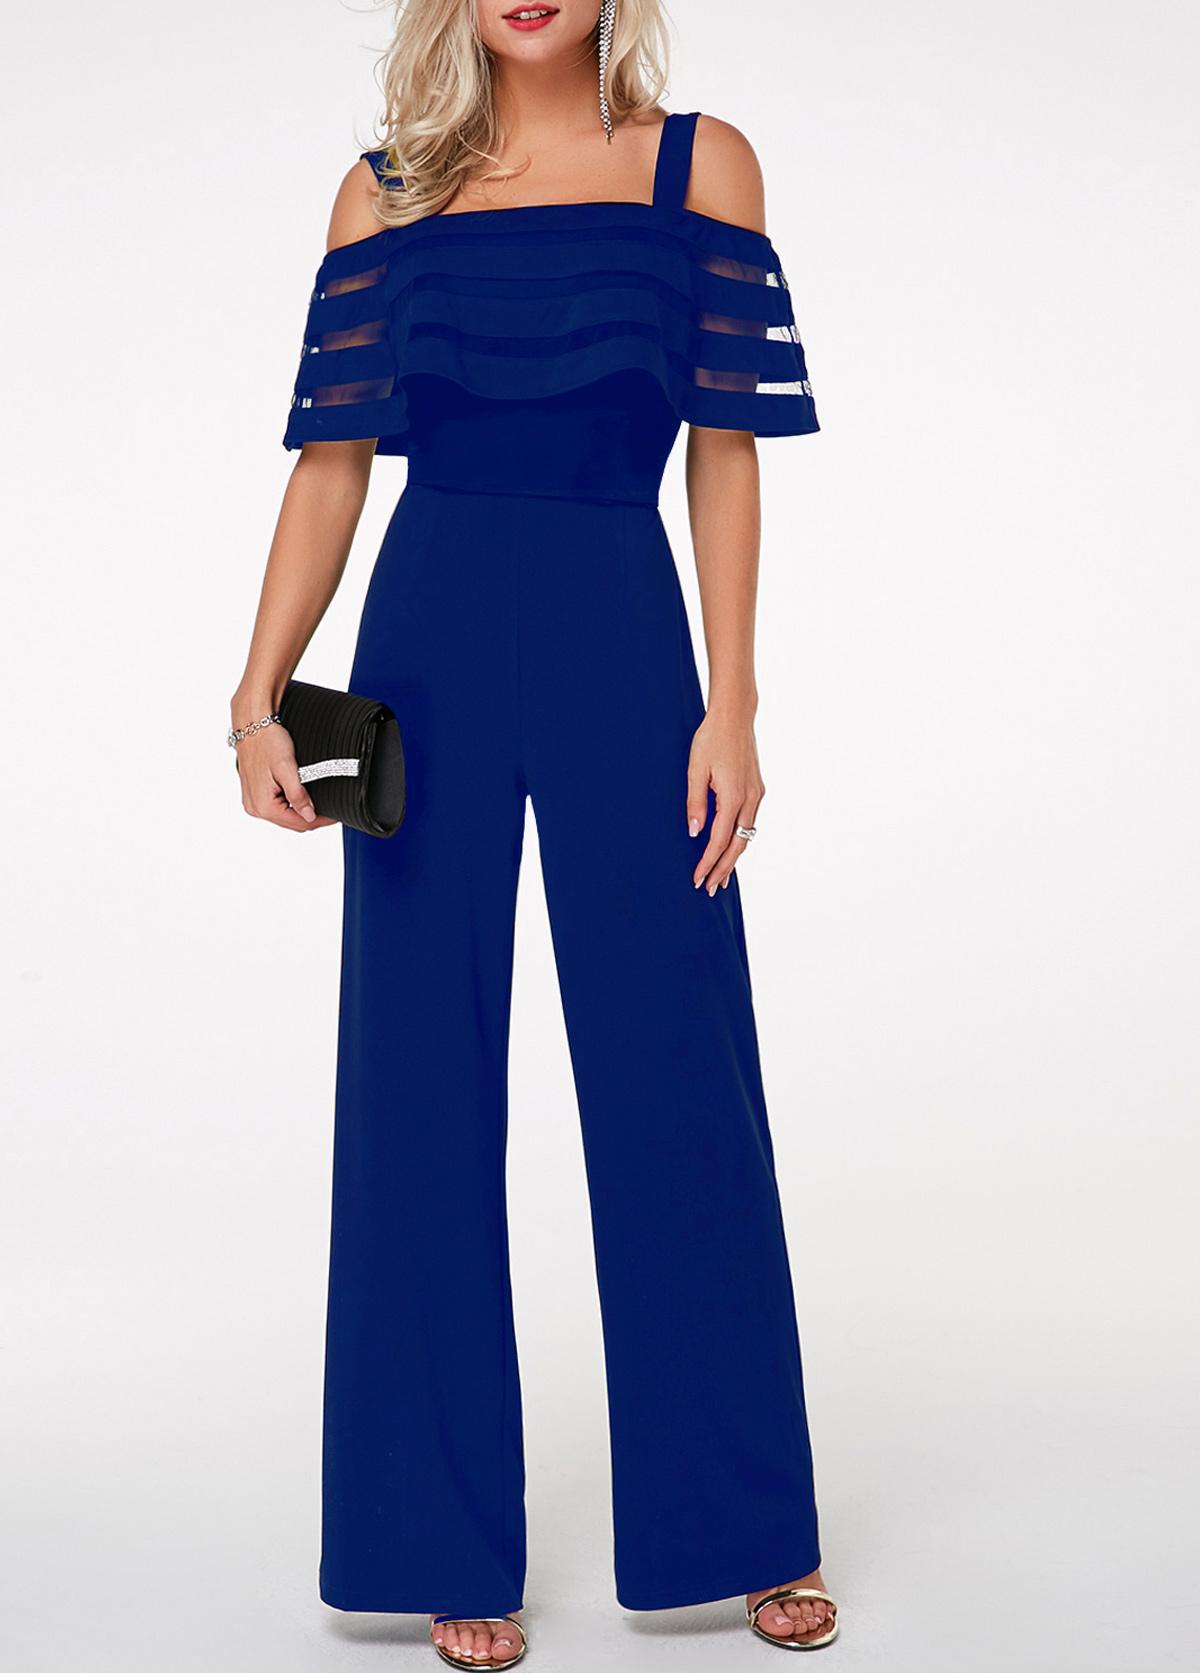 Strappy Cold Shoulder Royal Blue Overlay Jumpsuit